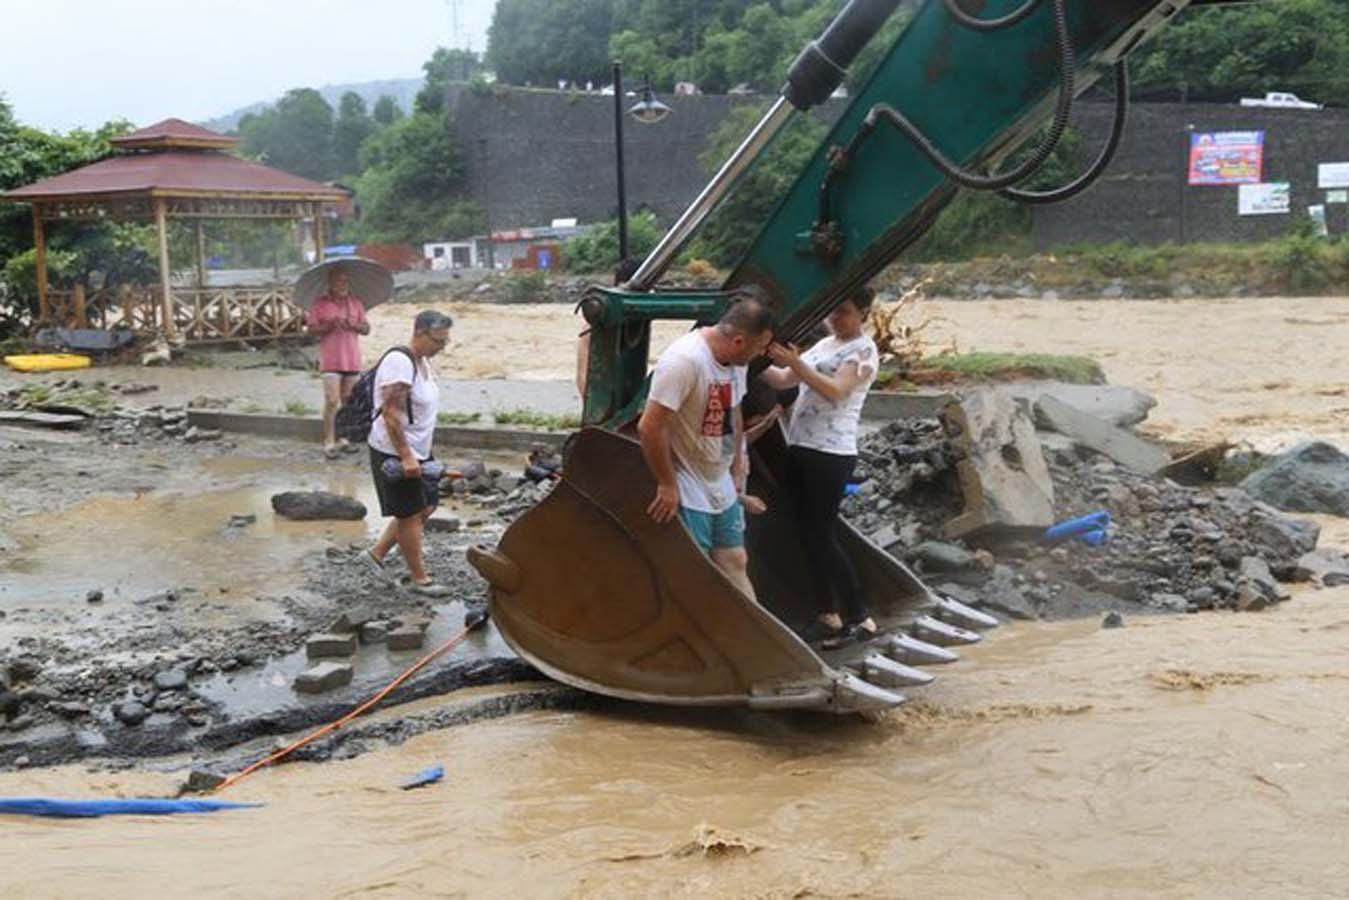 Artvin'i sel terketti, kalıntıları kaldı: 430 ev ve iş yerini su bastı, 1 kişi kayıp!